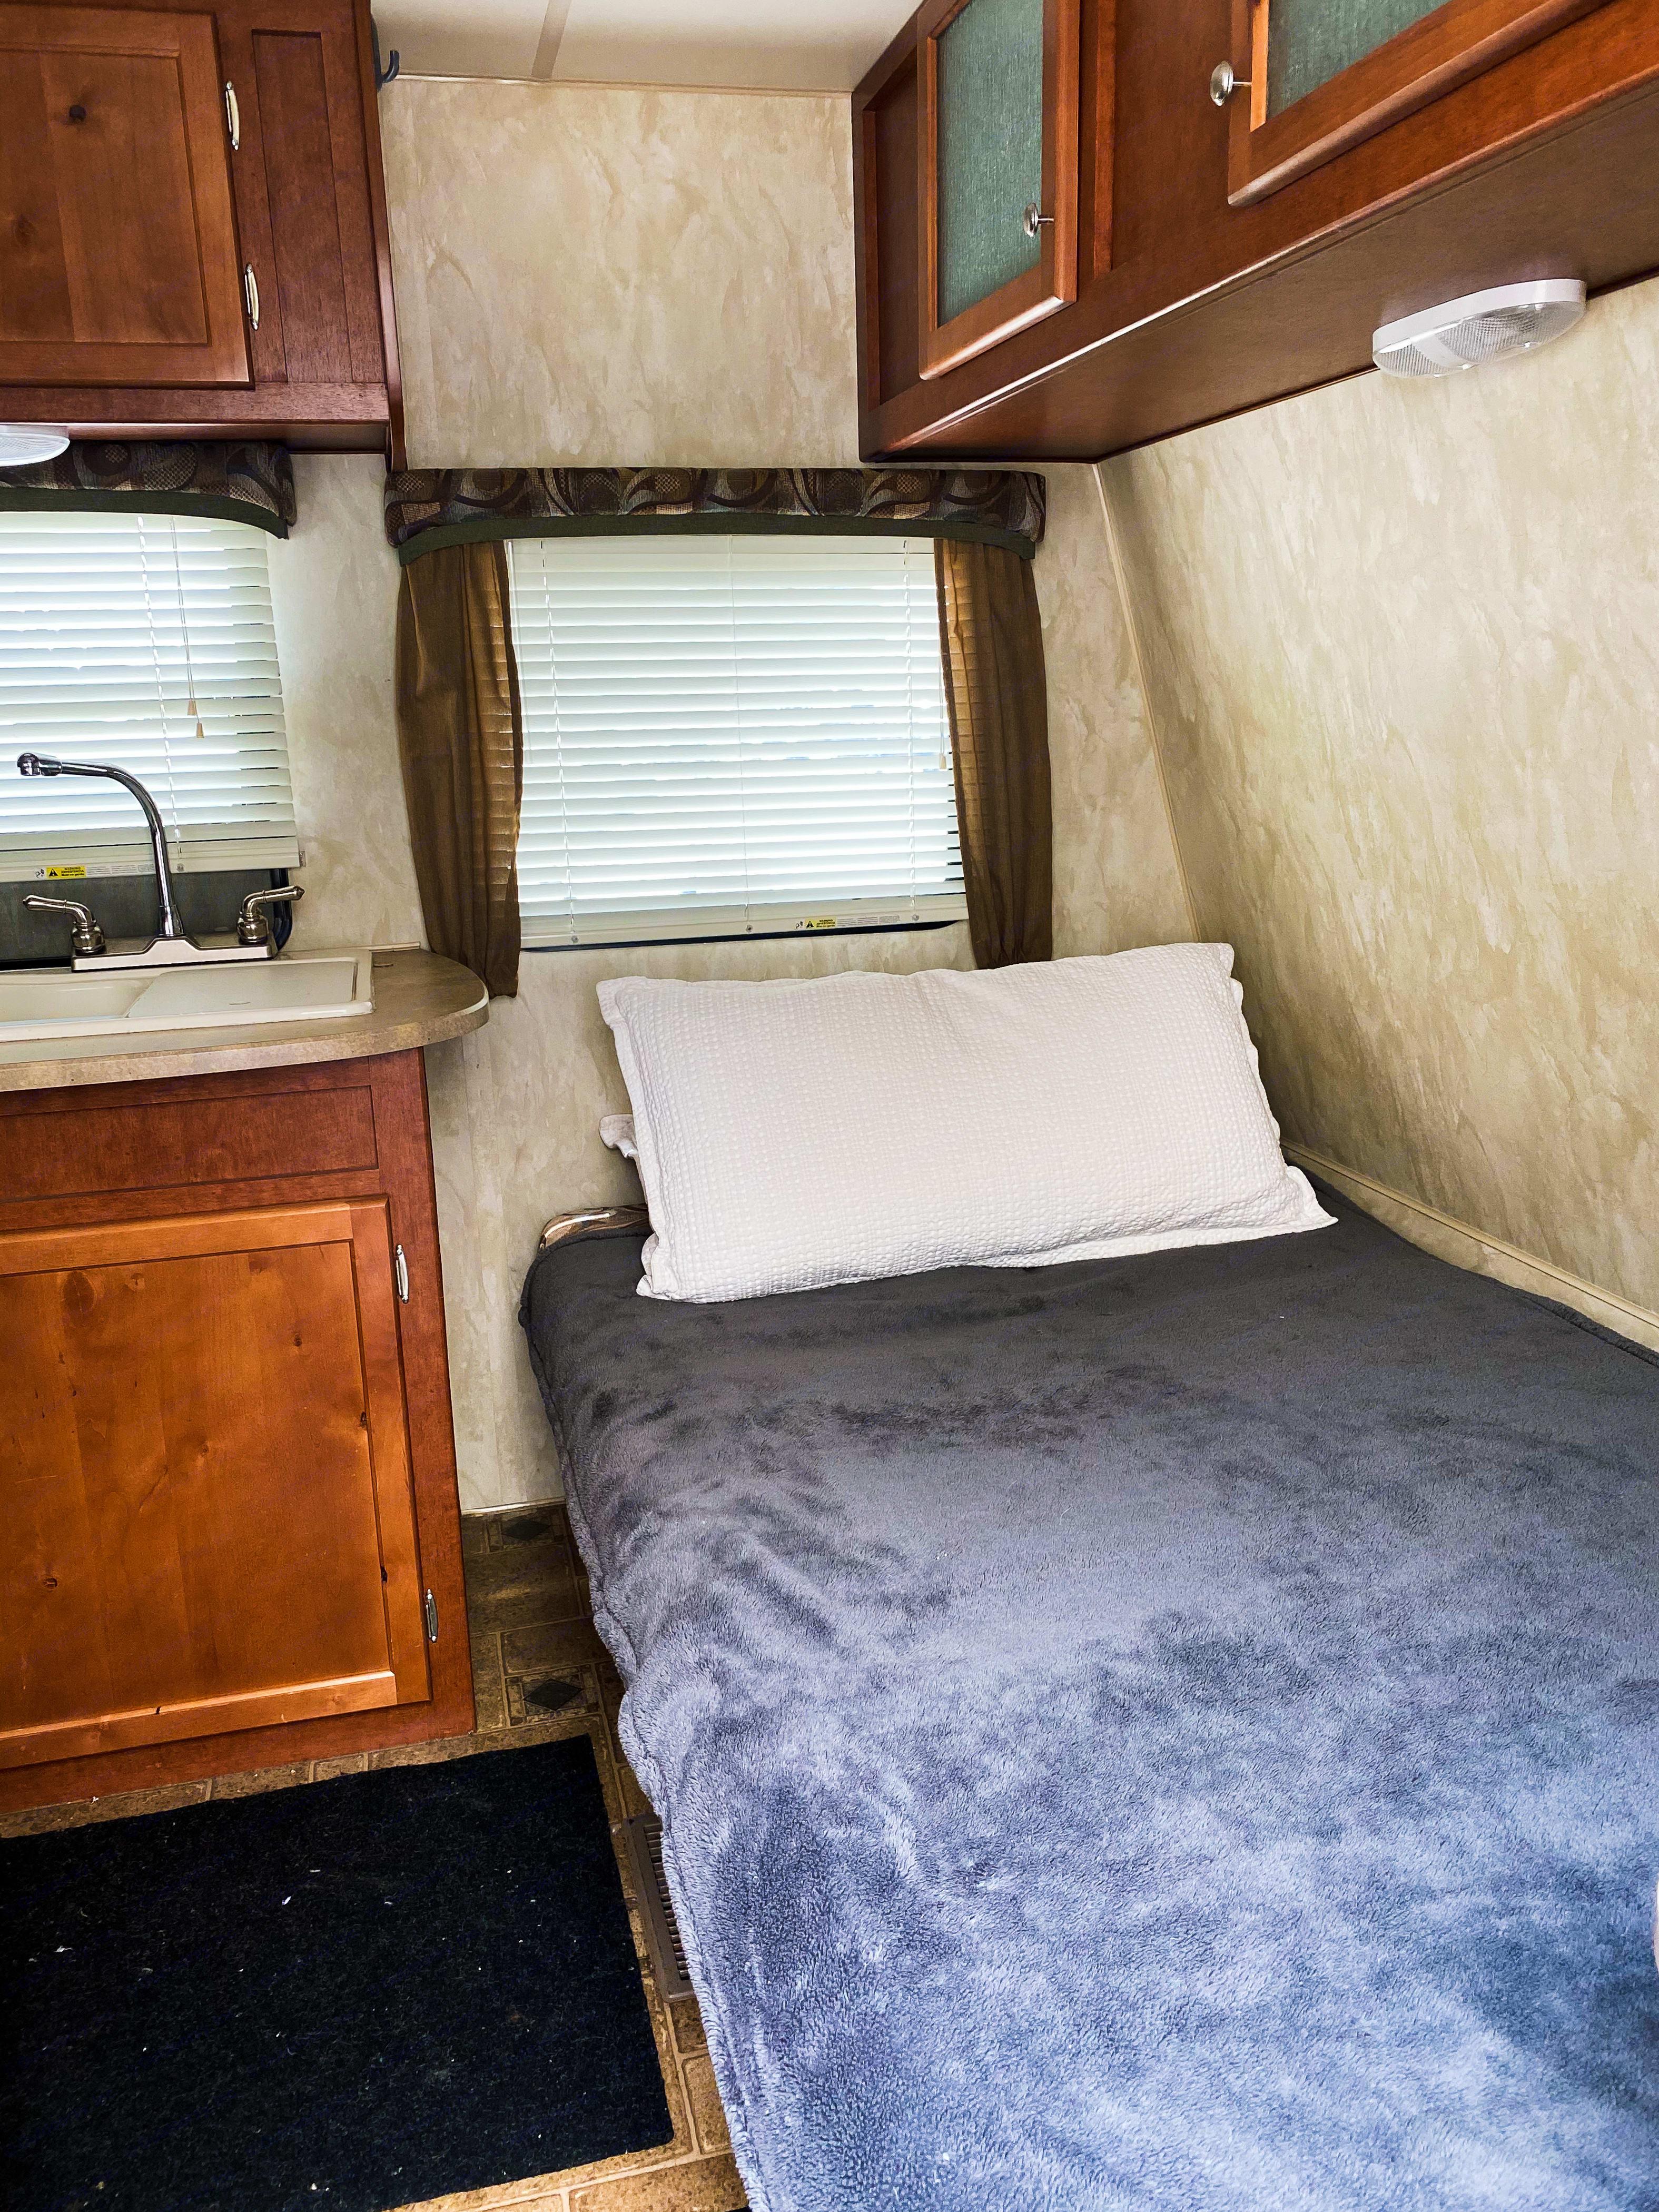 Forward bed. Northwood Mfg Nash 2013